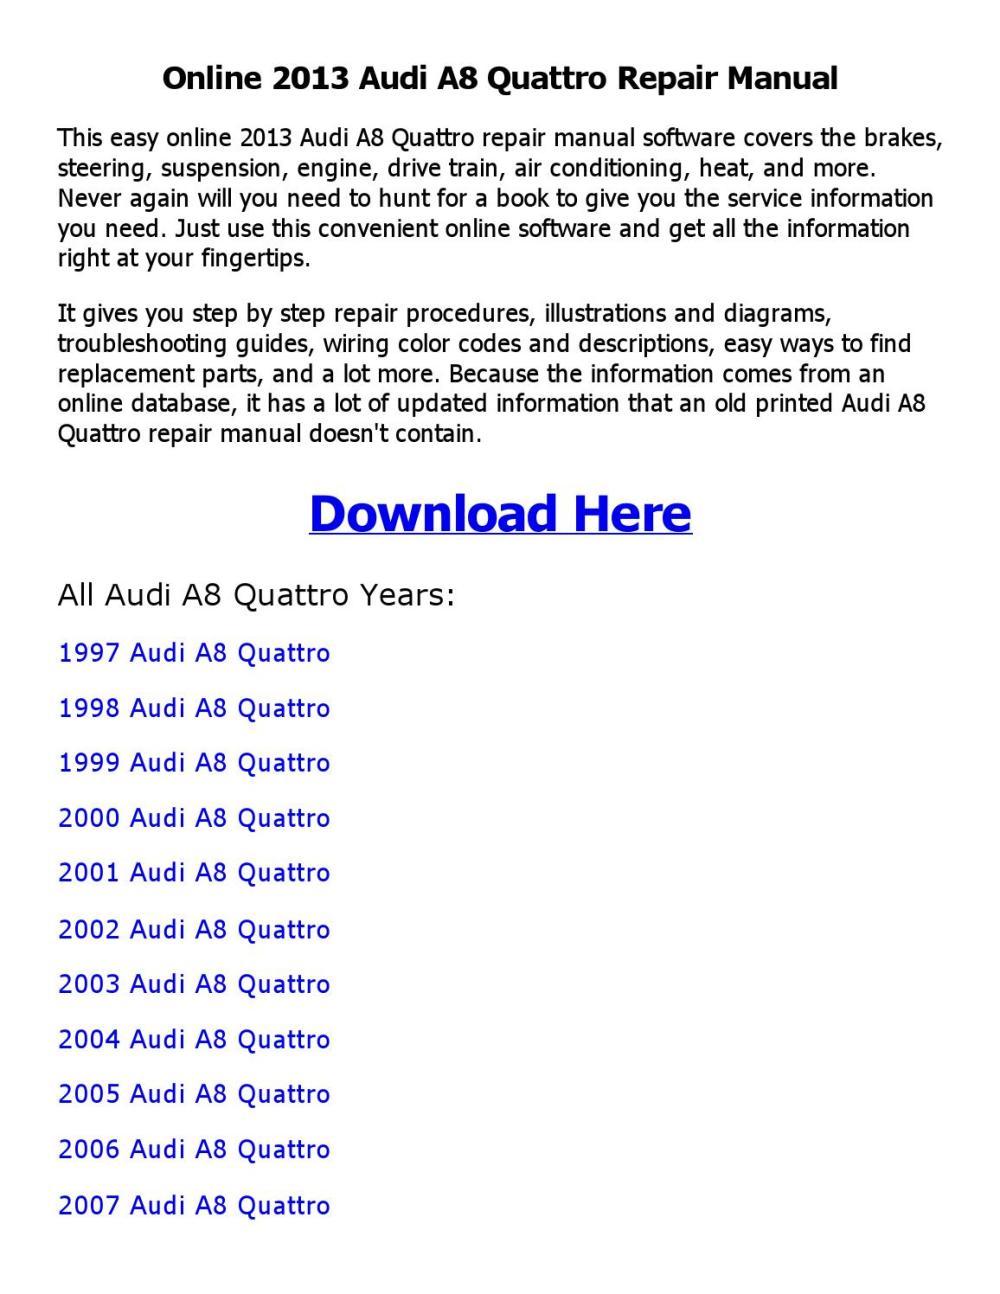 medium resolution of 2013 audi a8 quattro repair manual online